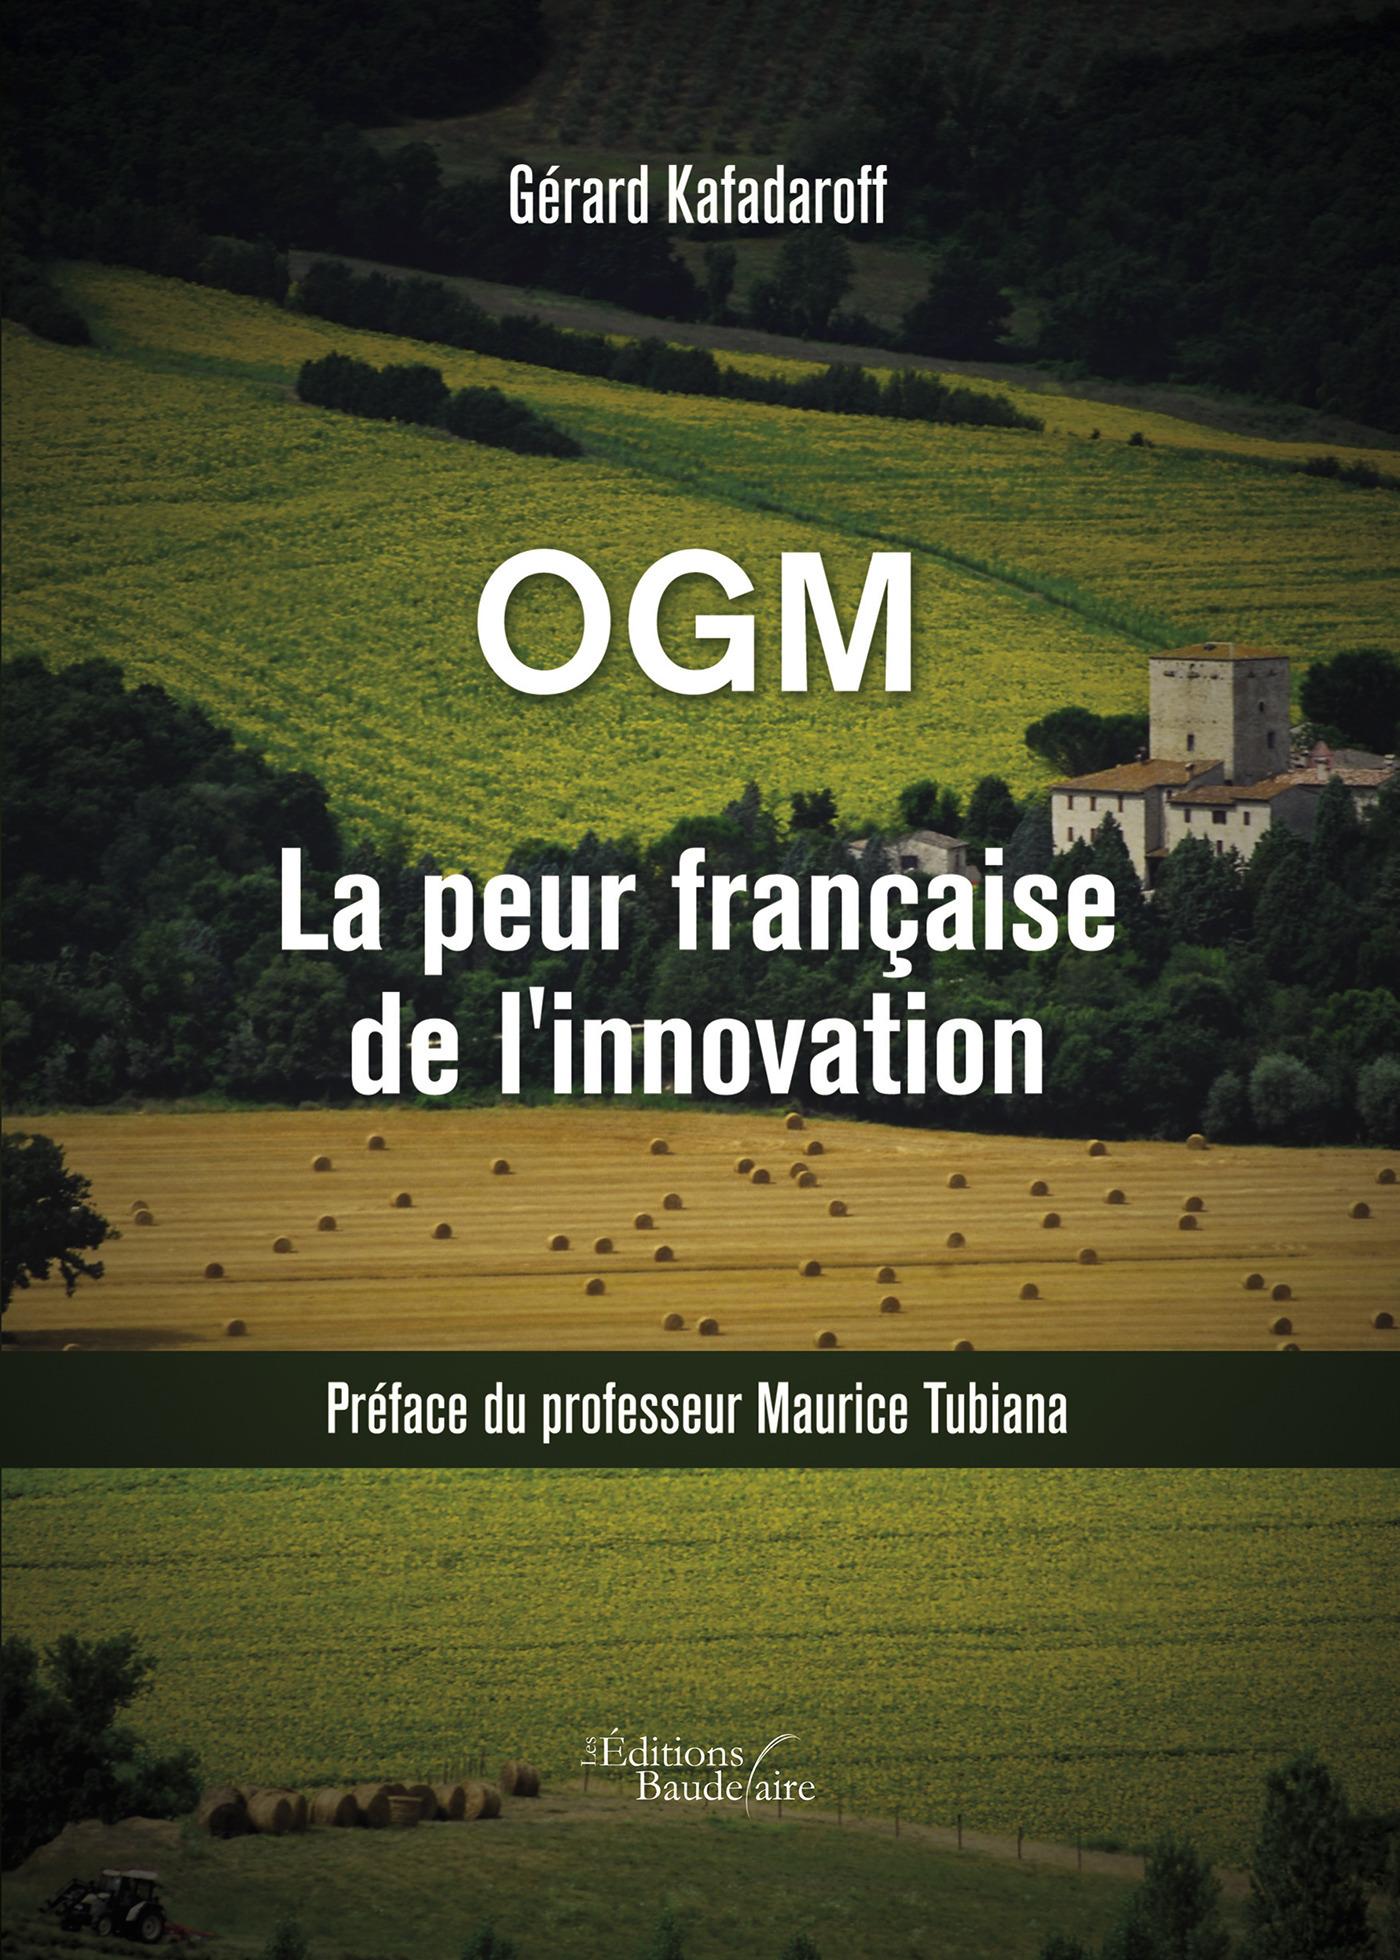 OGM La peur française de l'innovation